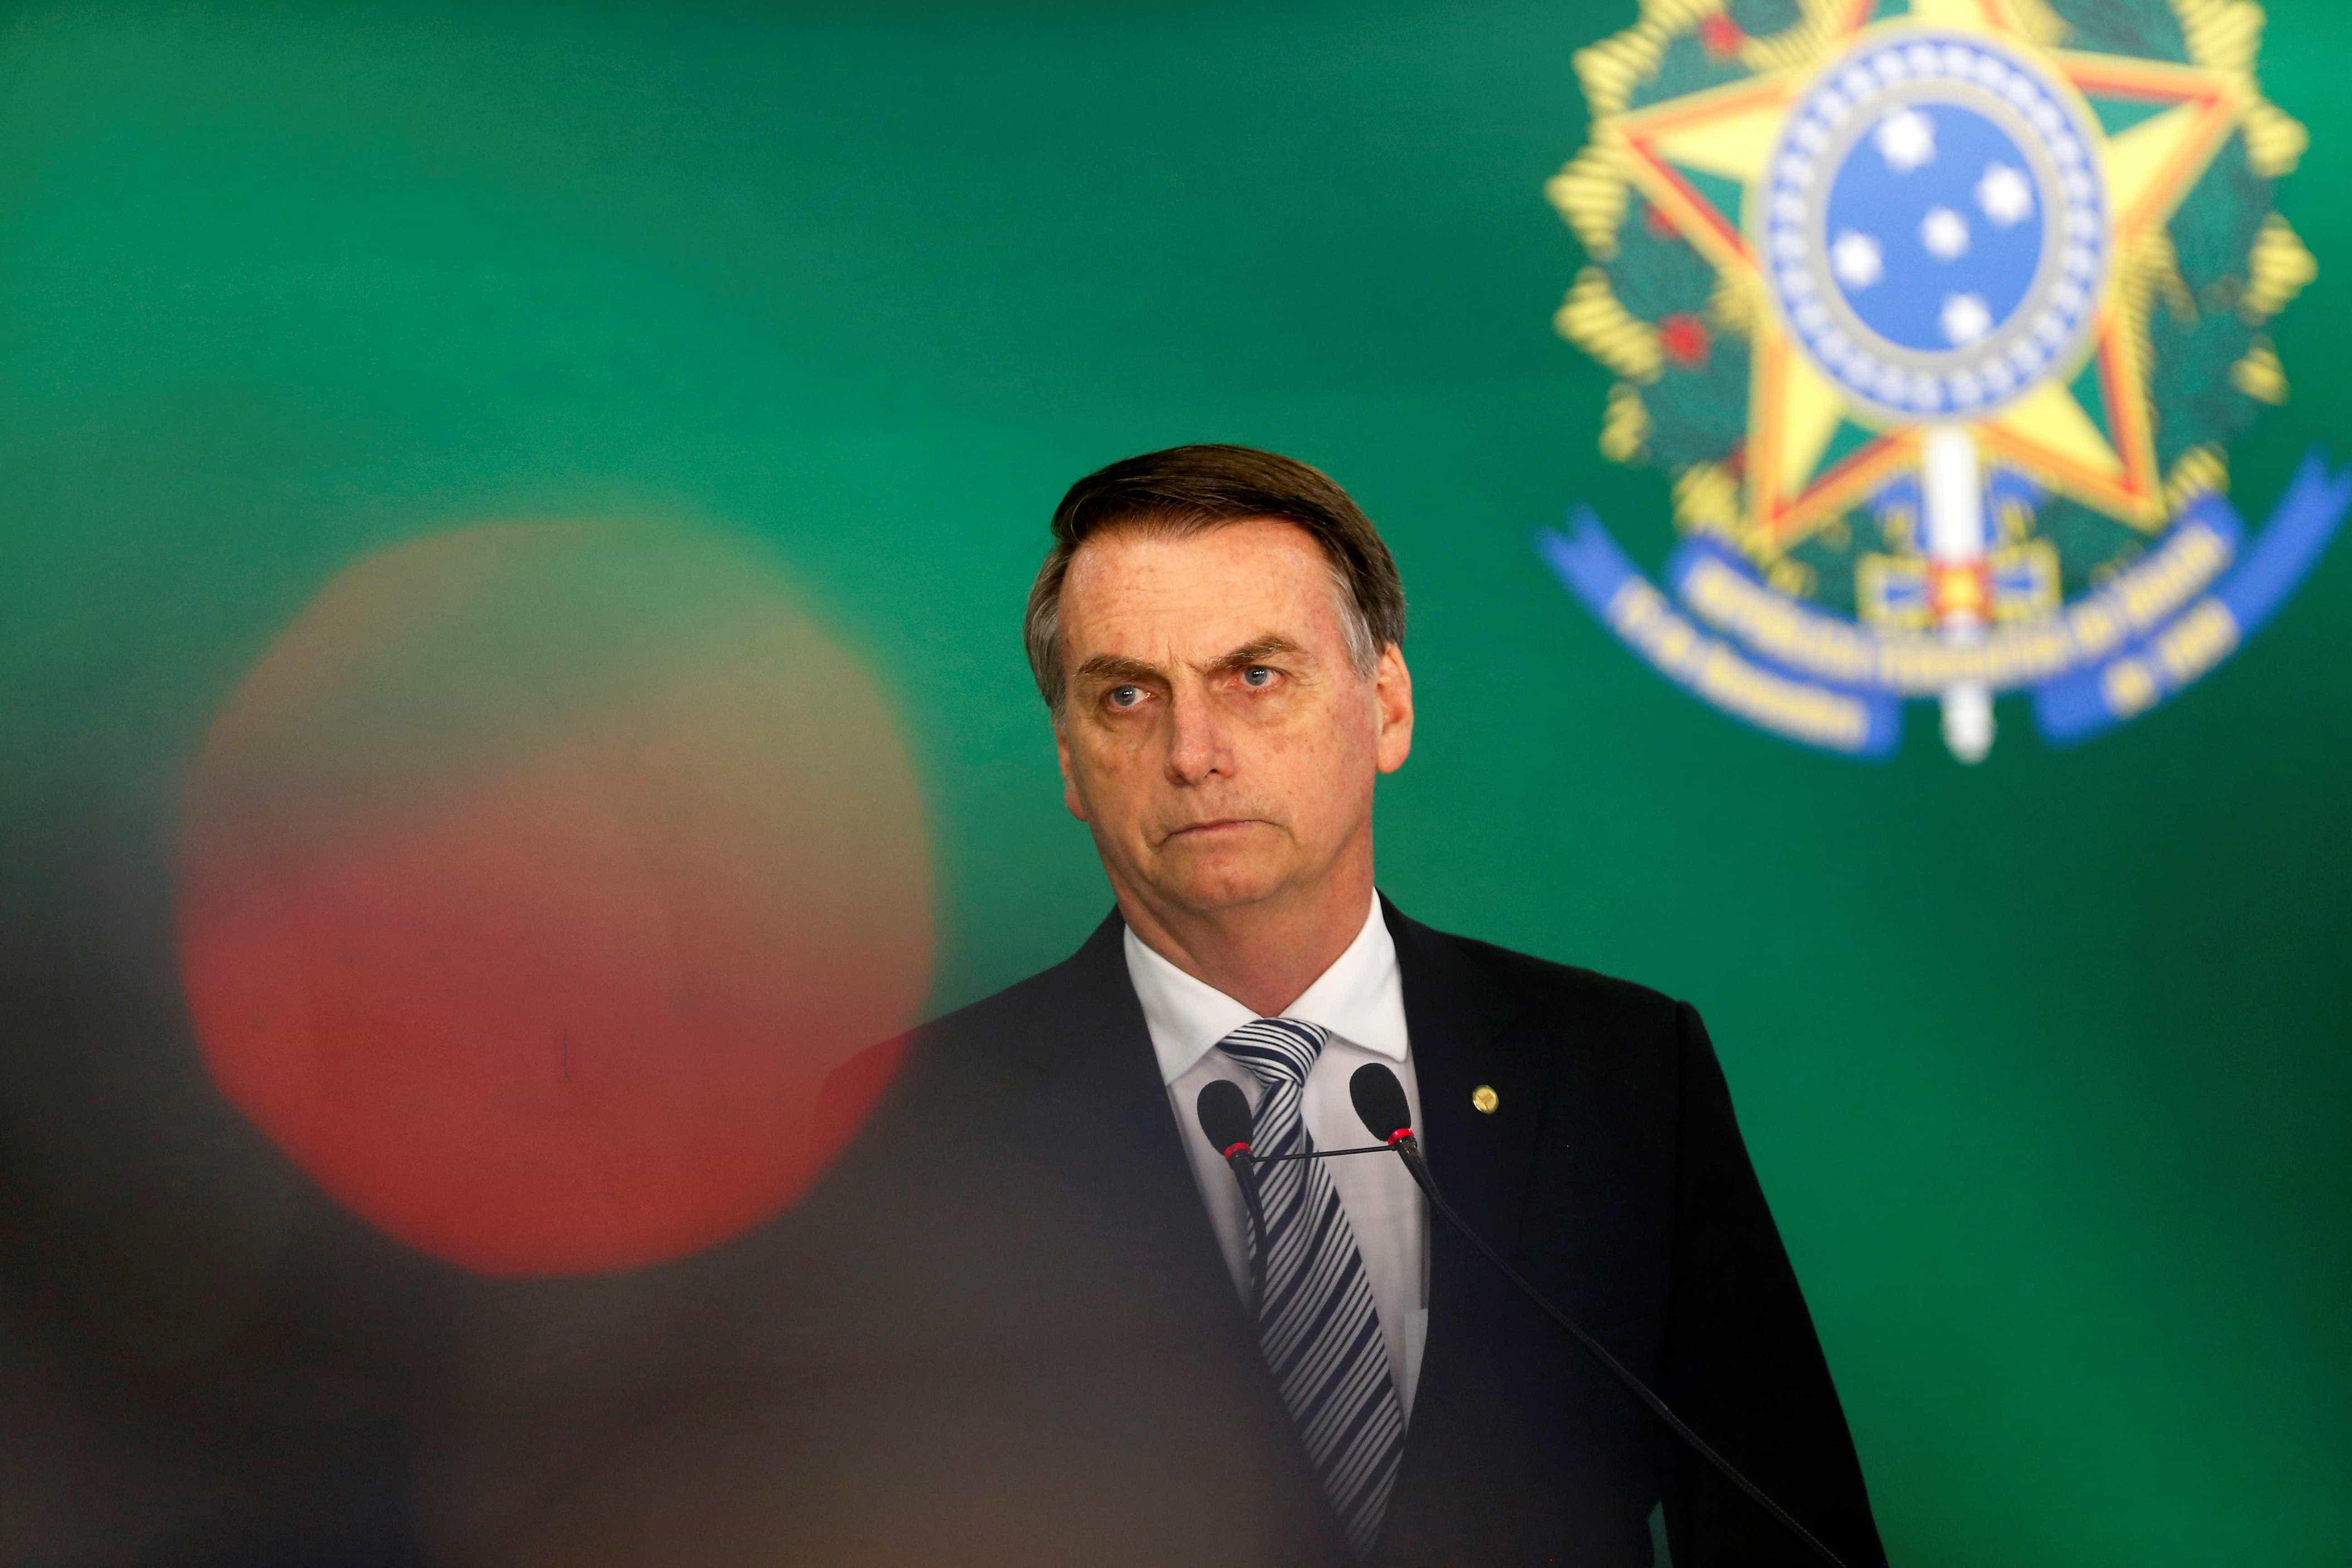 Bolsonaro quer cerimônia mais curta e ato religioso inédito na posse